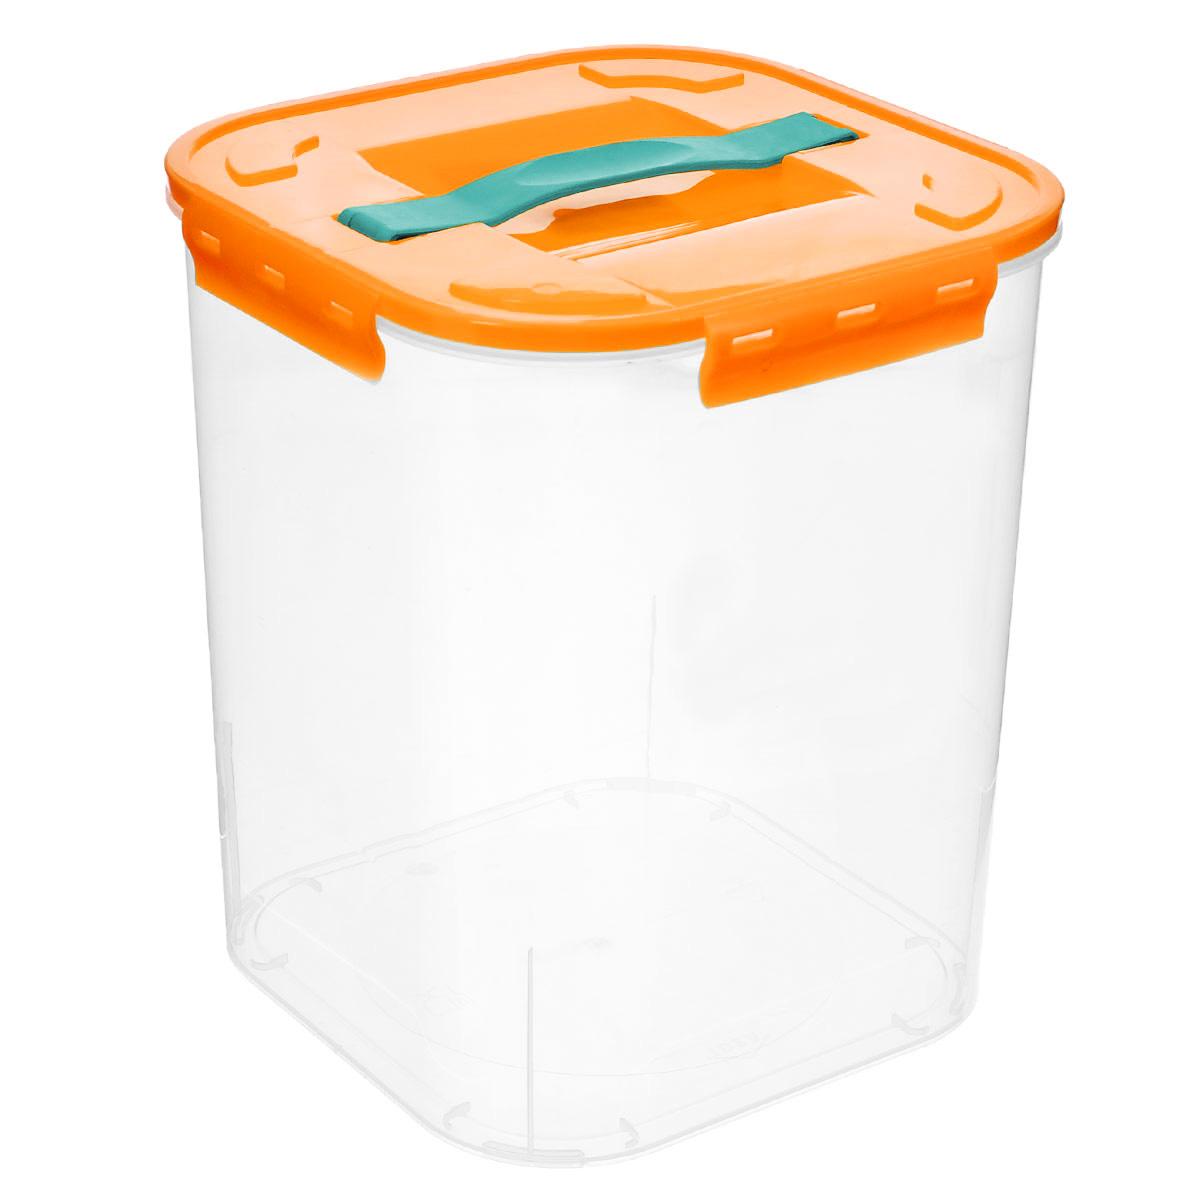 Контейнер для хранения Idea, цвет: оранжевый, прозрачный, 10 лМ 2827_оранжевыйКонтейнер для хранения Idea выполнен из прозрачного пластика. Контейнер идеально подойдет для хранения пищевых продуктов, а также любых мелких бытовых предметов: канцелярии, принадлежностей для шитья и многого другого. Контейнер плотно закрывается цветной крышкой с 4 защелками. Для удобства переноски сверху имеется ручка, выполненная из термоэластопласта. Контейнер Idea очень вместителен, он пригодится в любом хозяйстве.